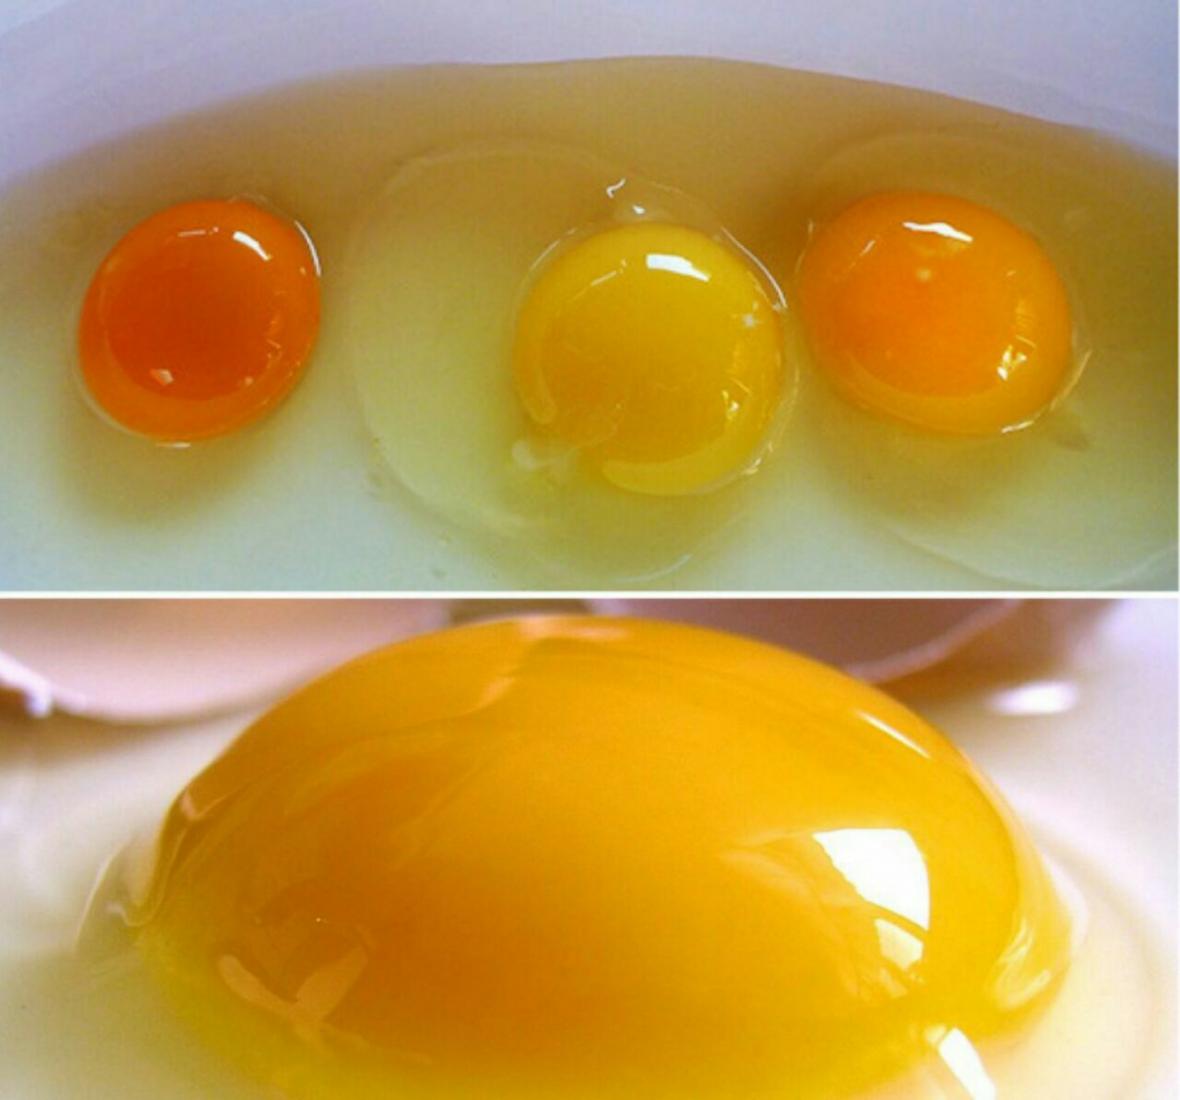 زرده تخم مرغ باید چه رنگی باشد؟